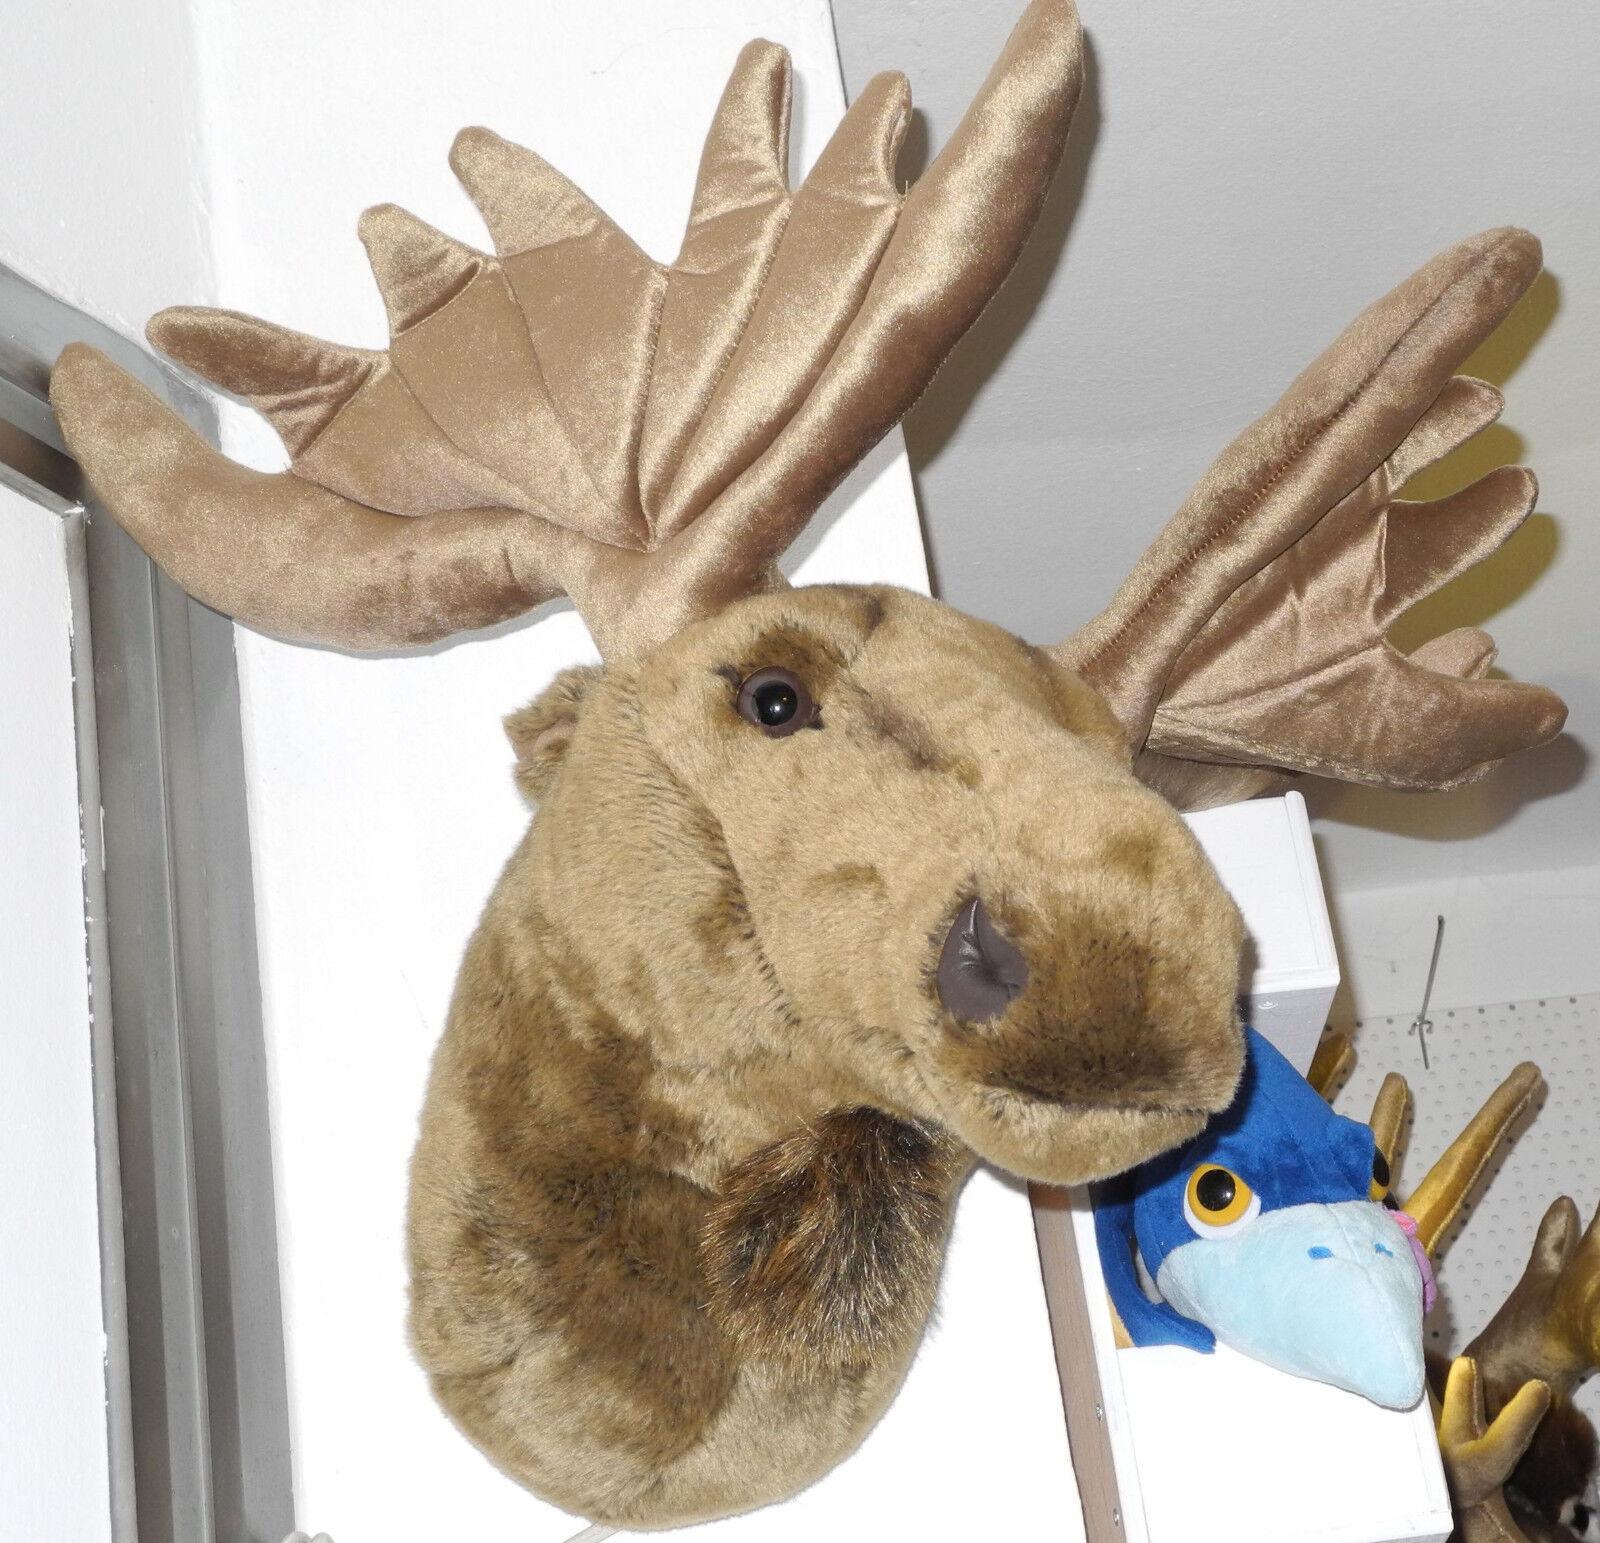 Uni-Toys Neuware riesengroßer Elch Kopf Trophäe Plüschtrophäe 65cm hoch